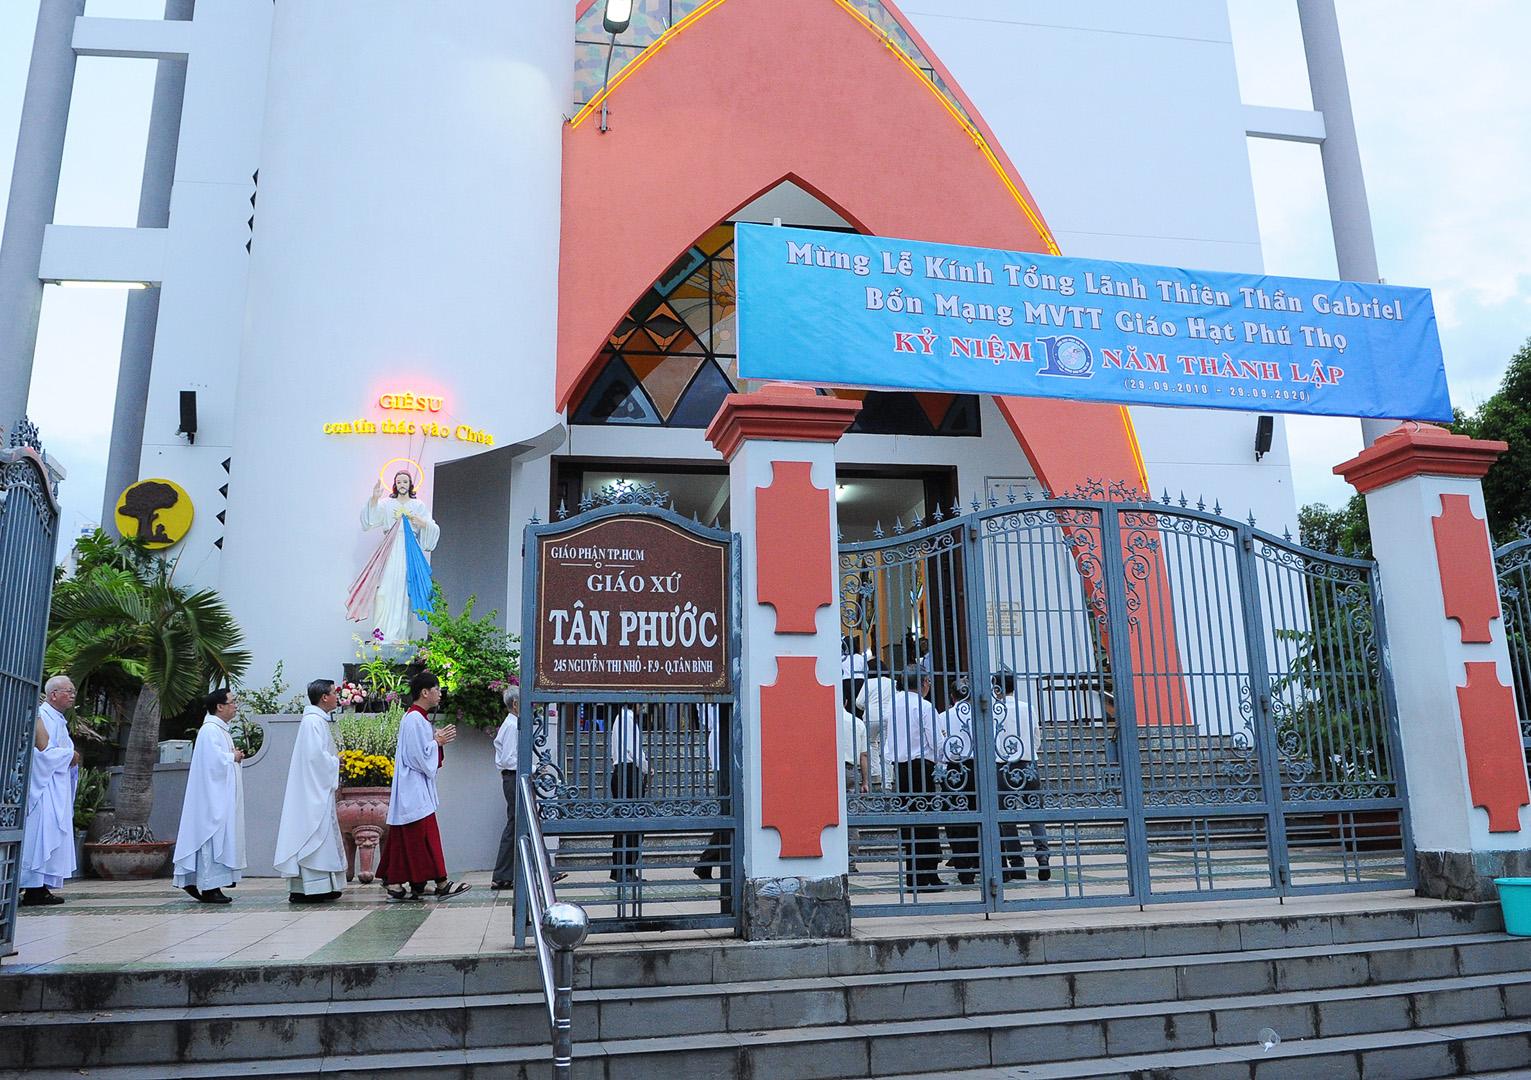 MVTT giáo hạt Phú Thọ: Mừng bổn mạng và kỷ niệm 10 năm thành lập